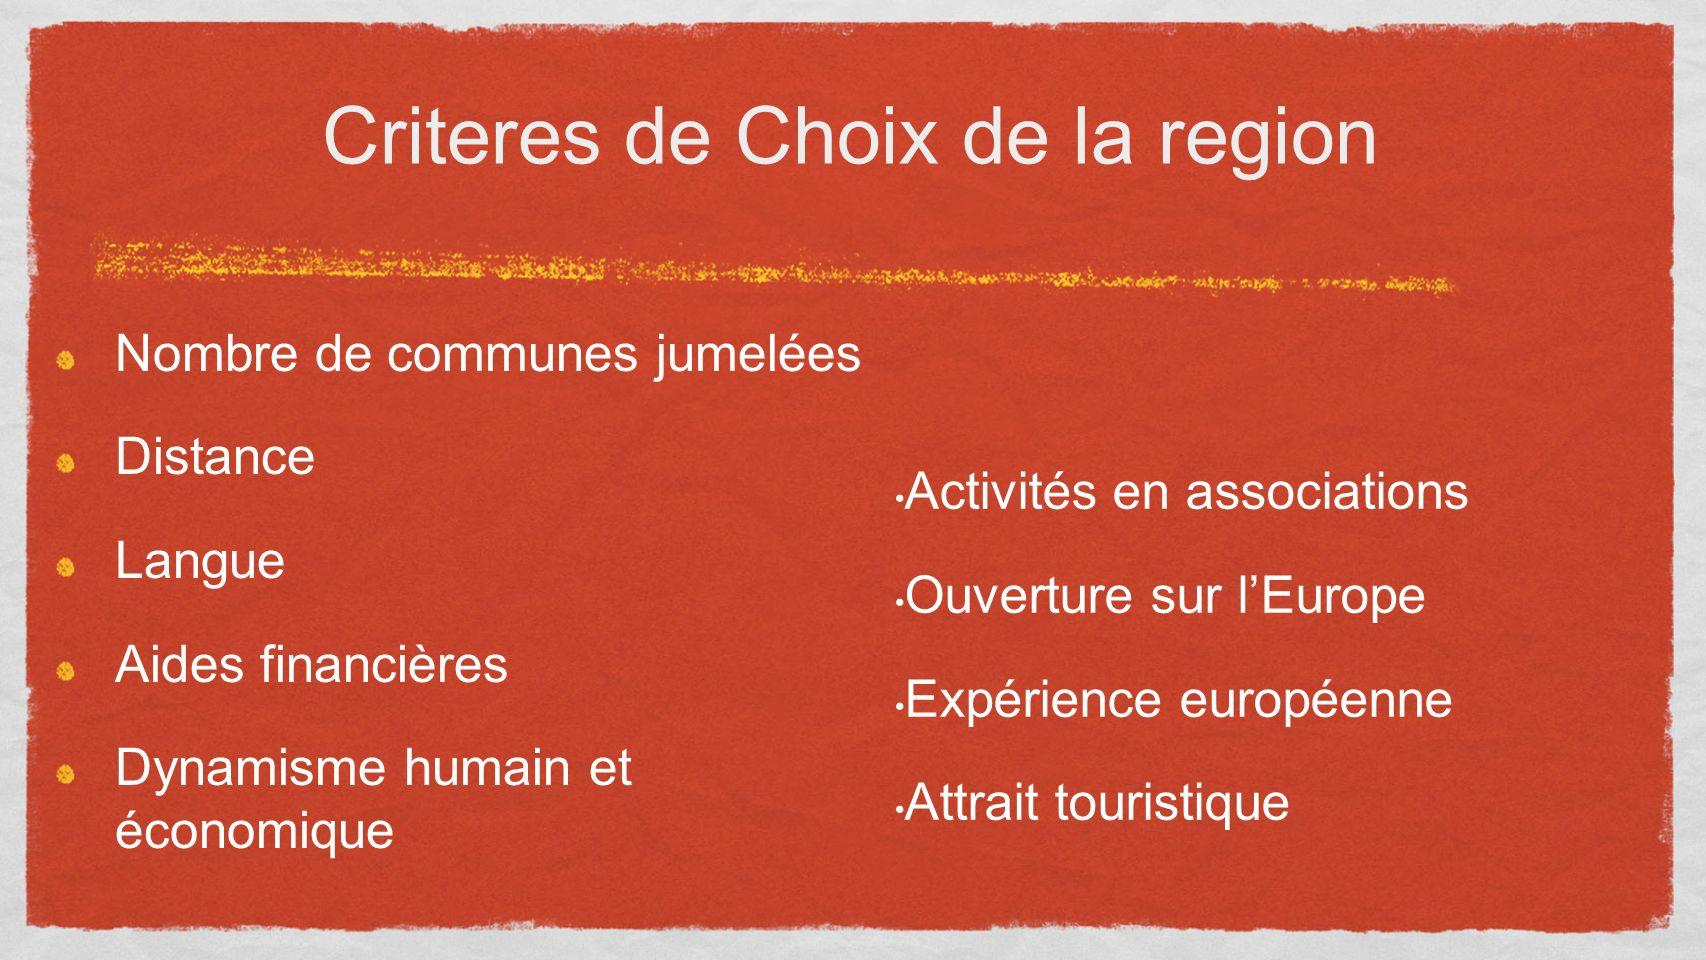 Criteres de Choix de la region Nombre de communes jumelées Distance Langue Aides financières Dynamisme humain et économique Activités en associations Ouverture sur lEurope Expérience européenne Attrait touristique